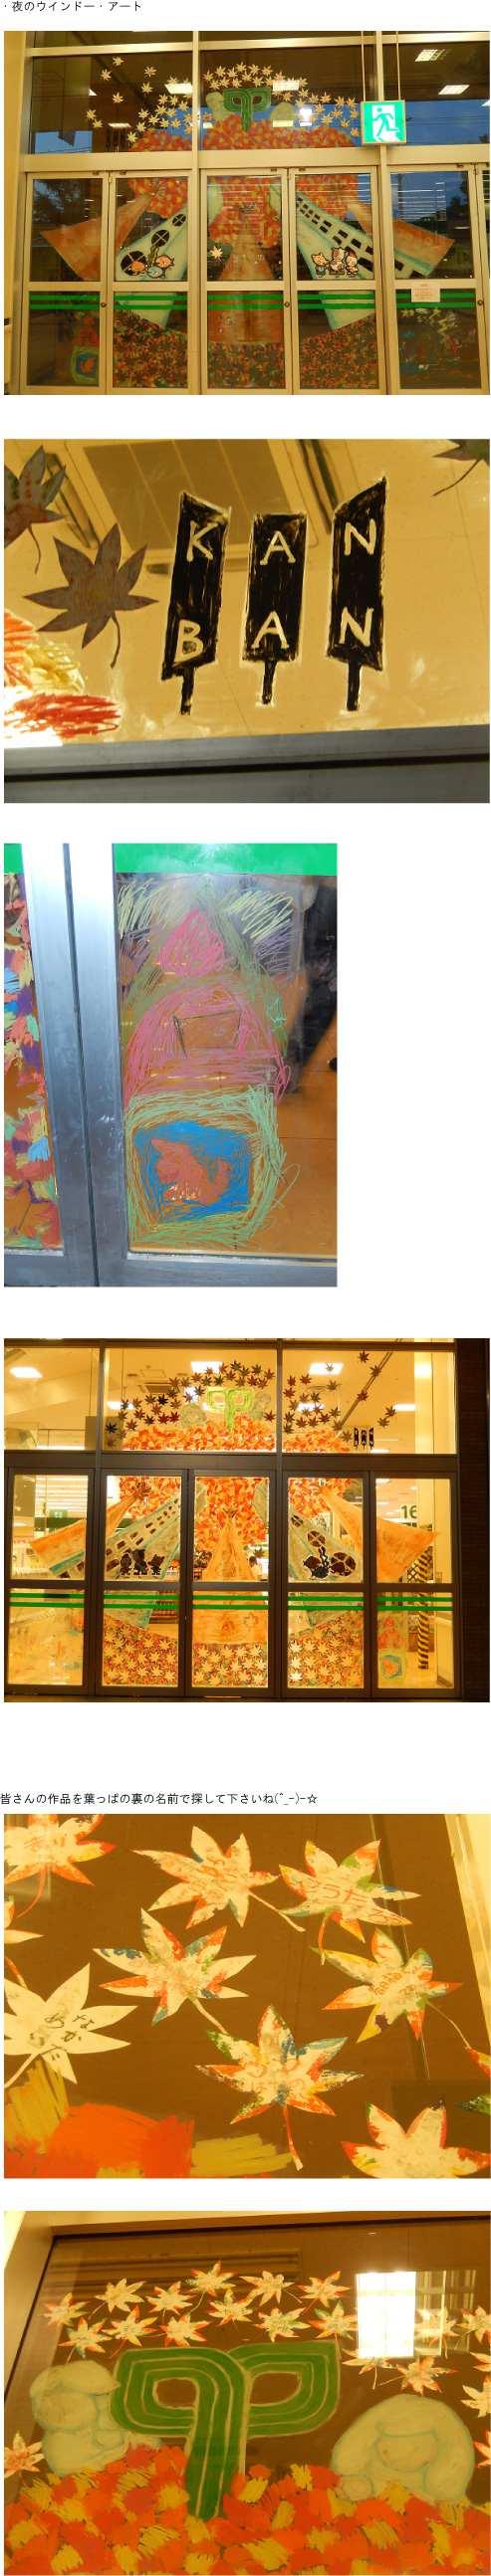 武蔵野美術大学アーティストユニット「三枚看板」ワークショップ第3弾「芸術の秋☆まどを自分の色で染めてみよう!?ウインドーペイント大会」@サミットストア下倉田店(2013年9月28〜29日)